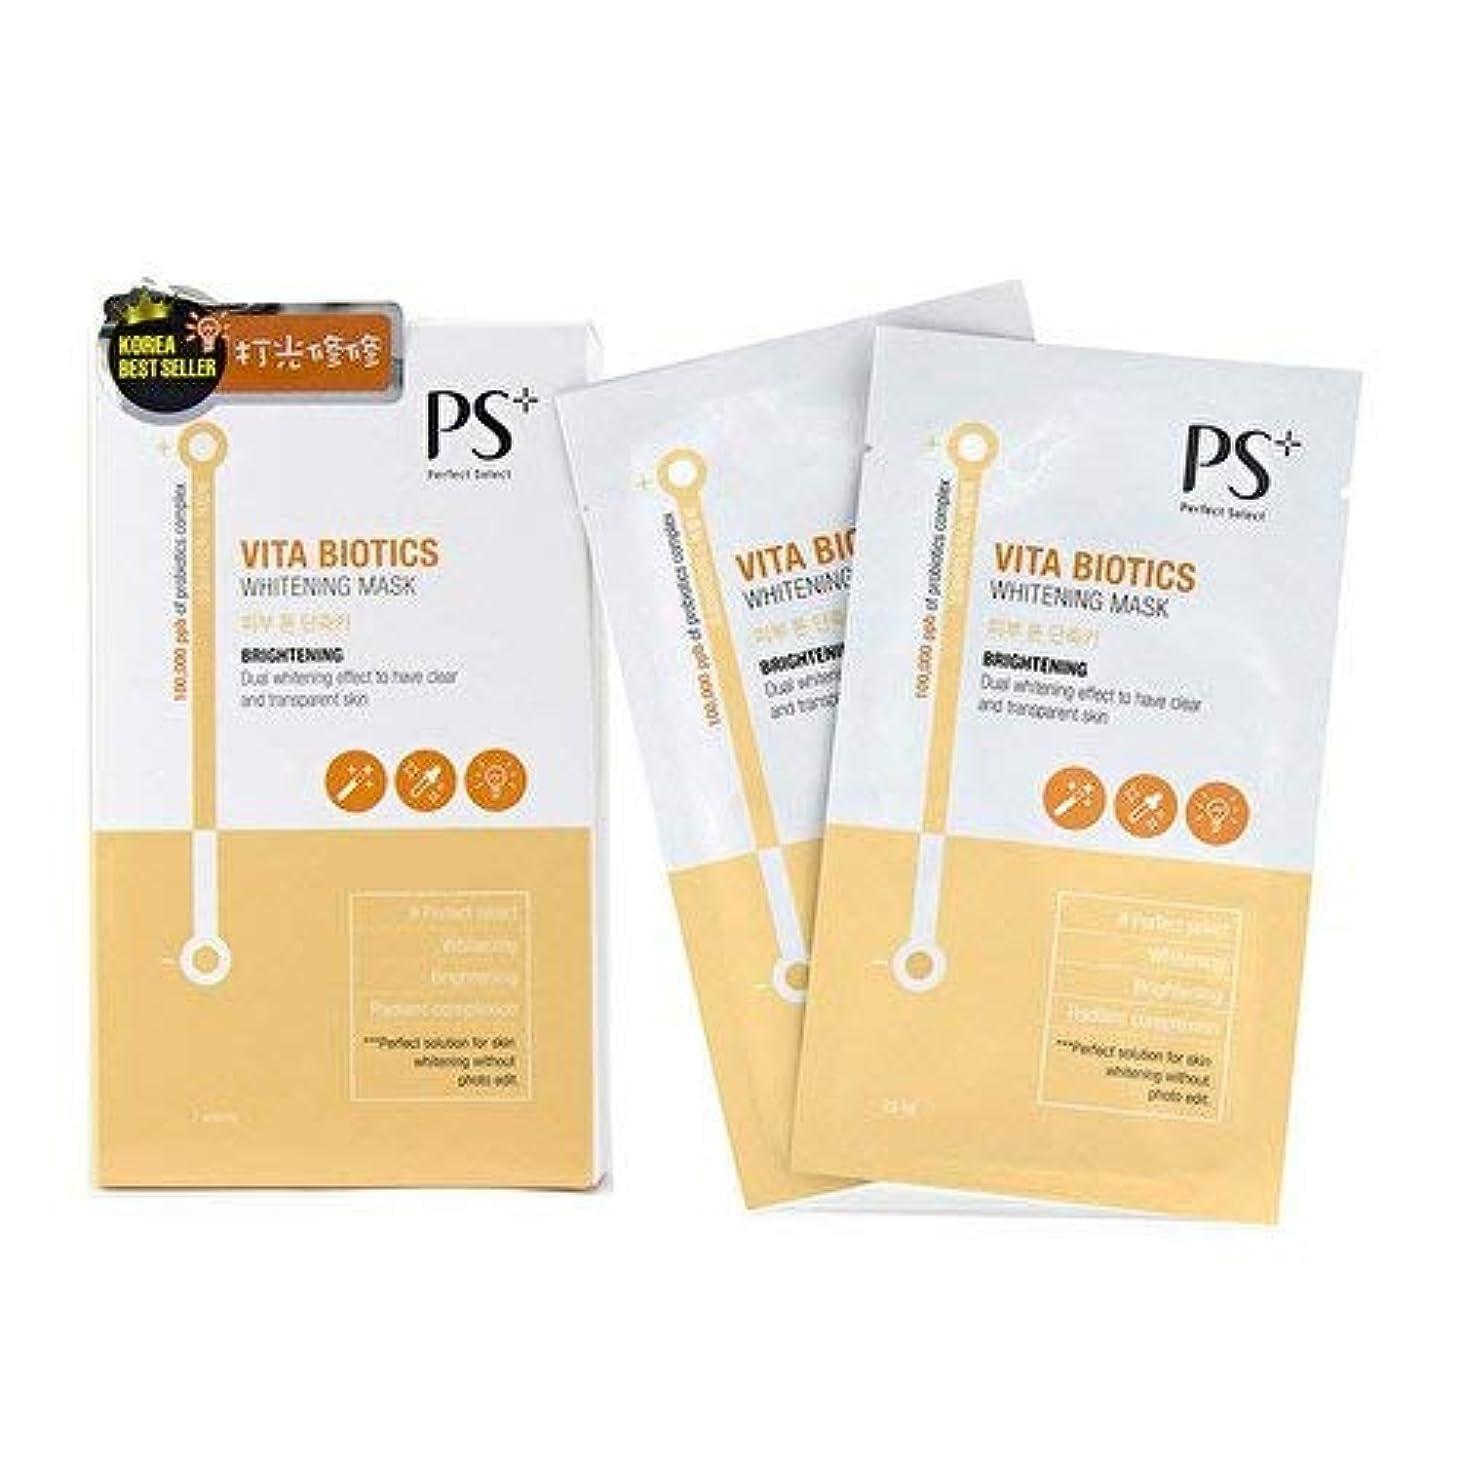 ガウン苦痛エキサイティングPS Perfect Select Vita Biotics Whitening Mask - Brightening 7pcs並行輸入品